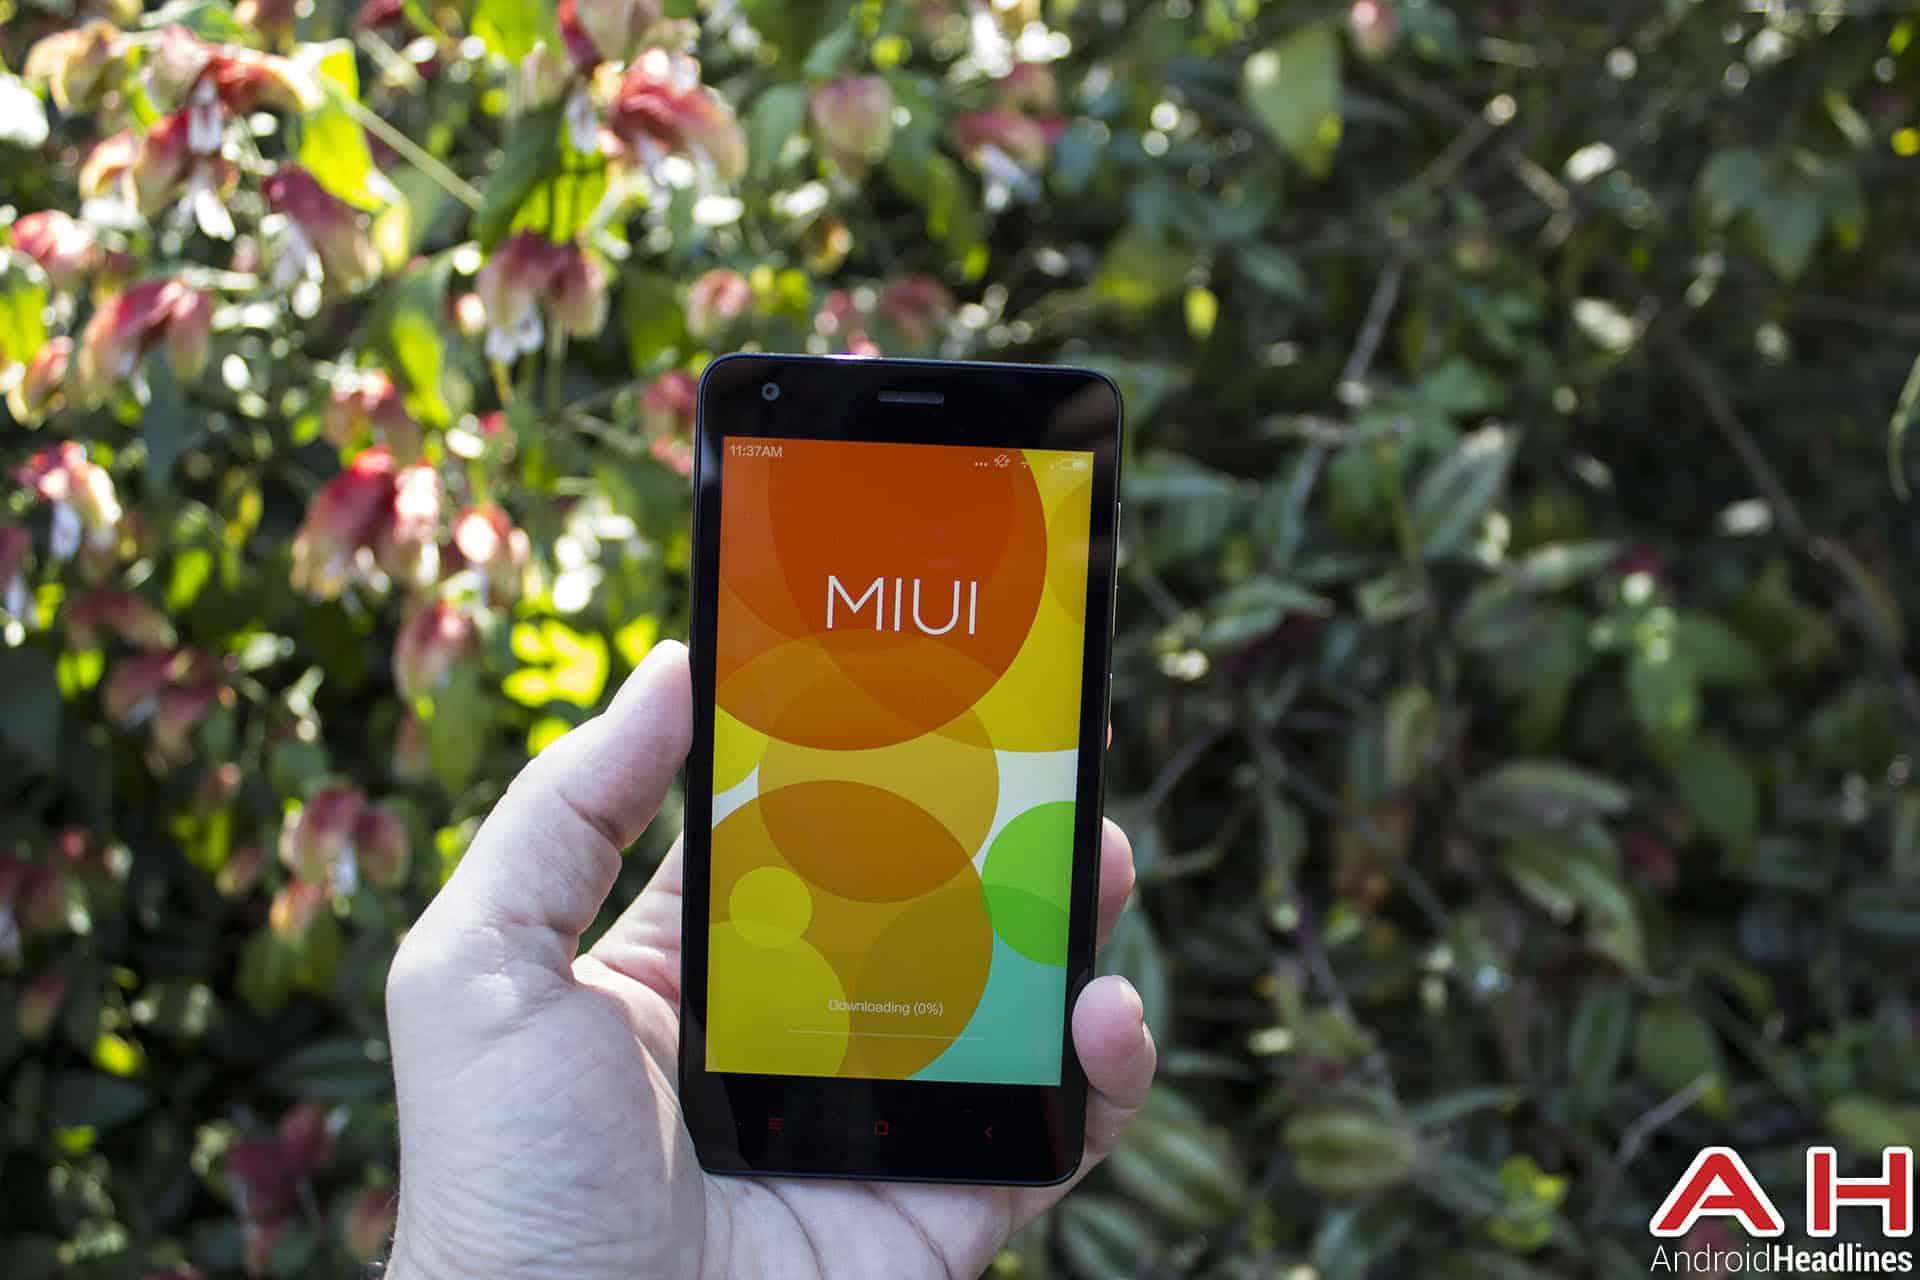 Xiaomi-Redmi-miui